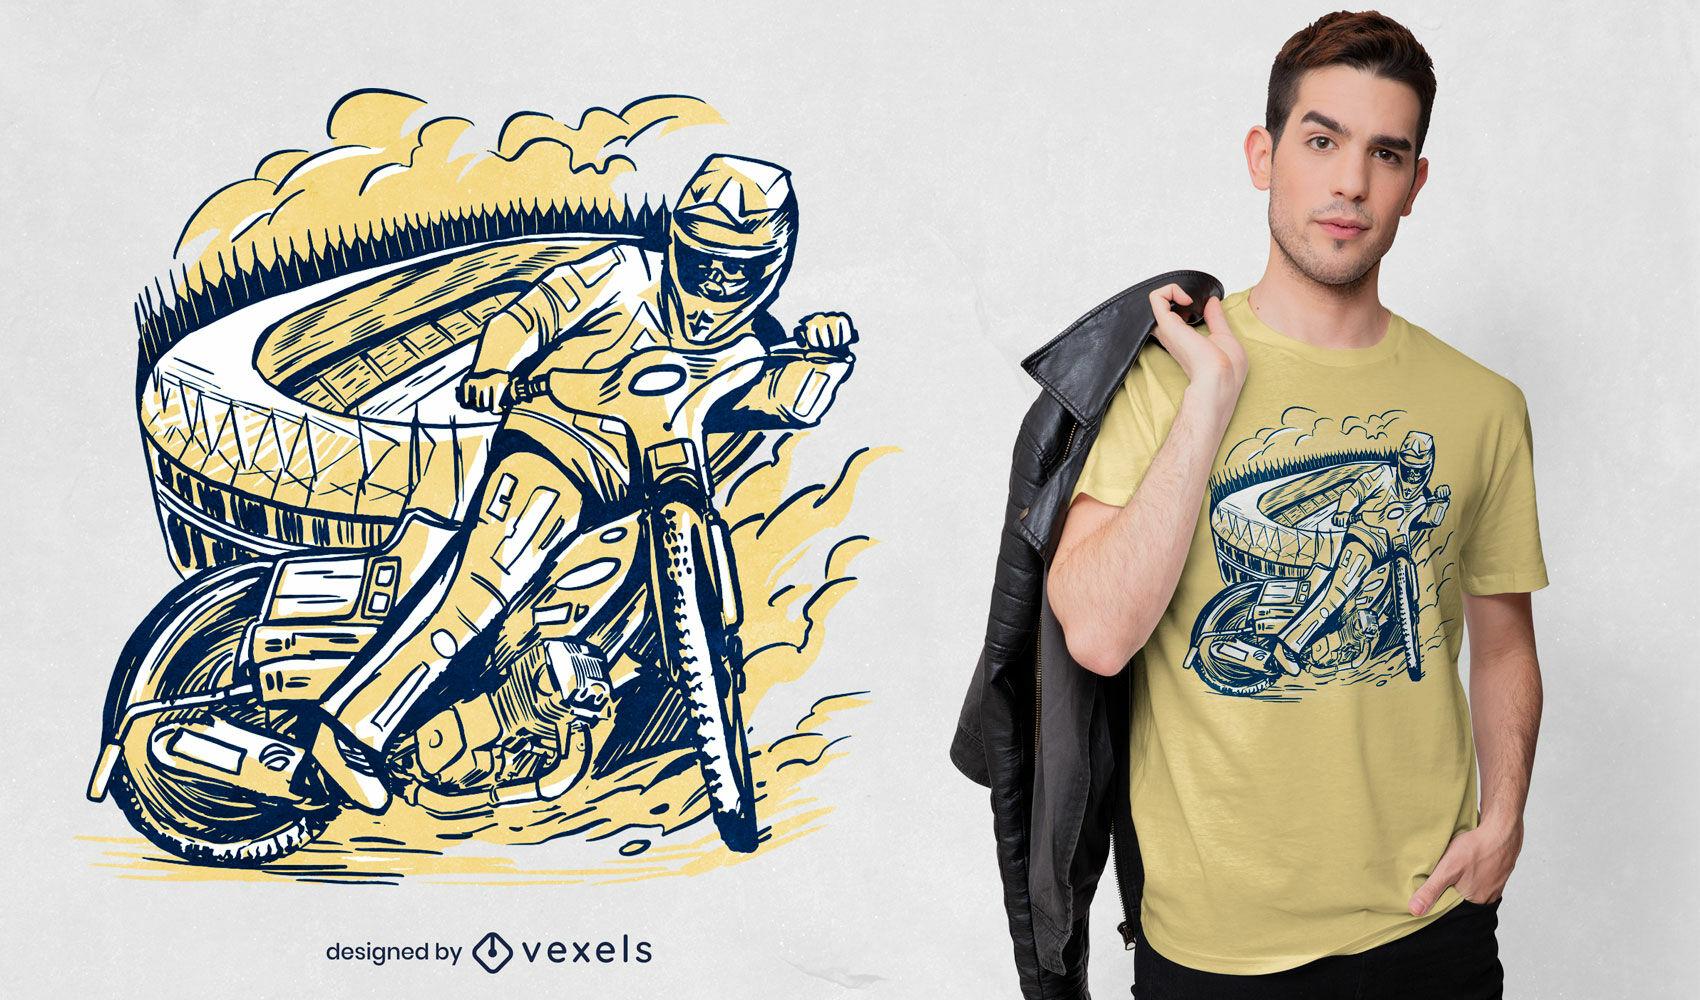 Motorradfahrer im Stadion-T-Shirt-Design